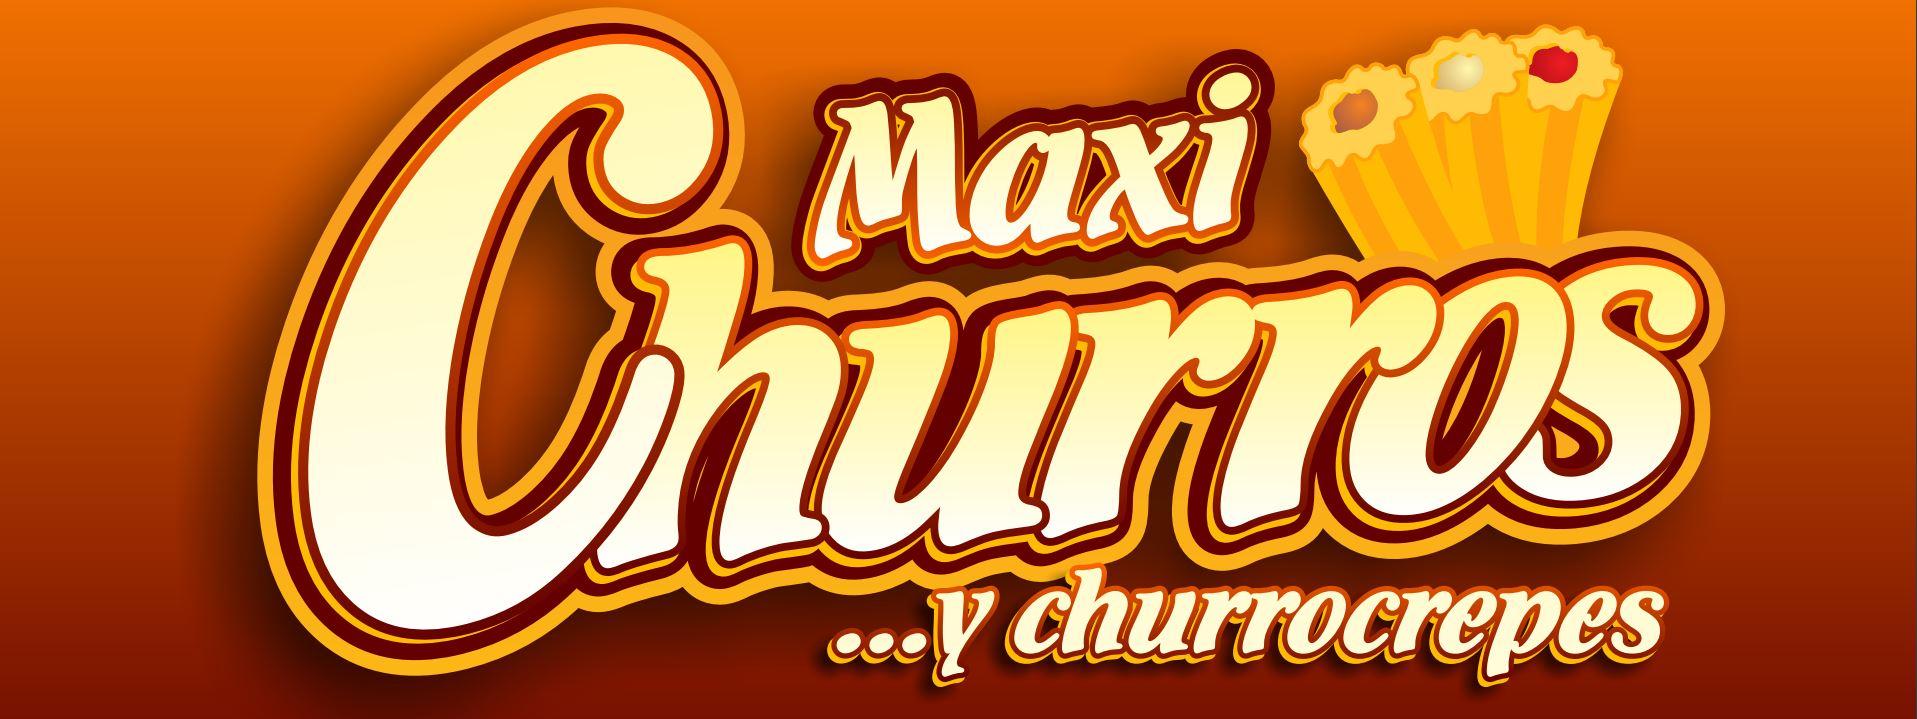 Maxi Churros y Churrocrepes